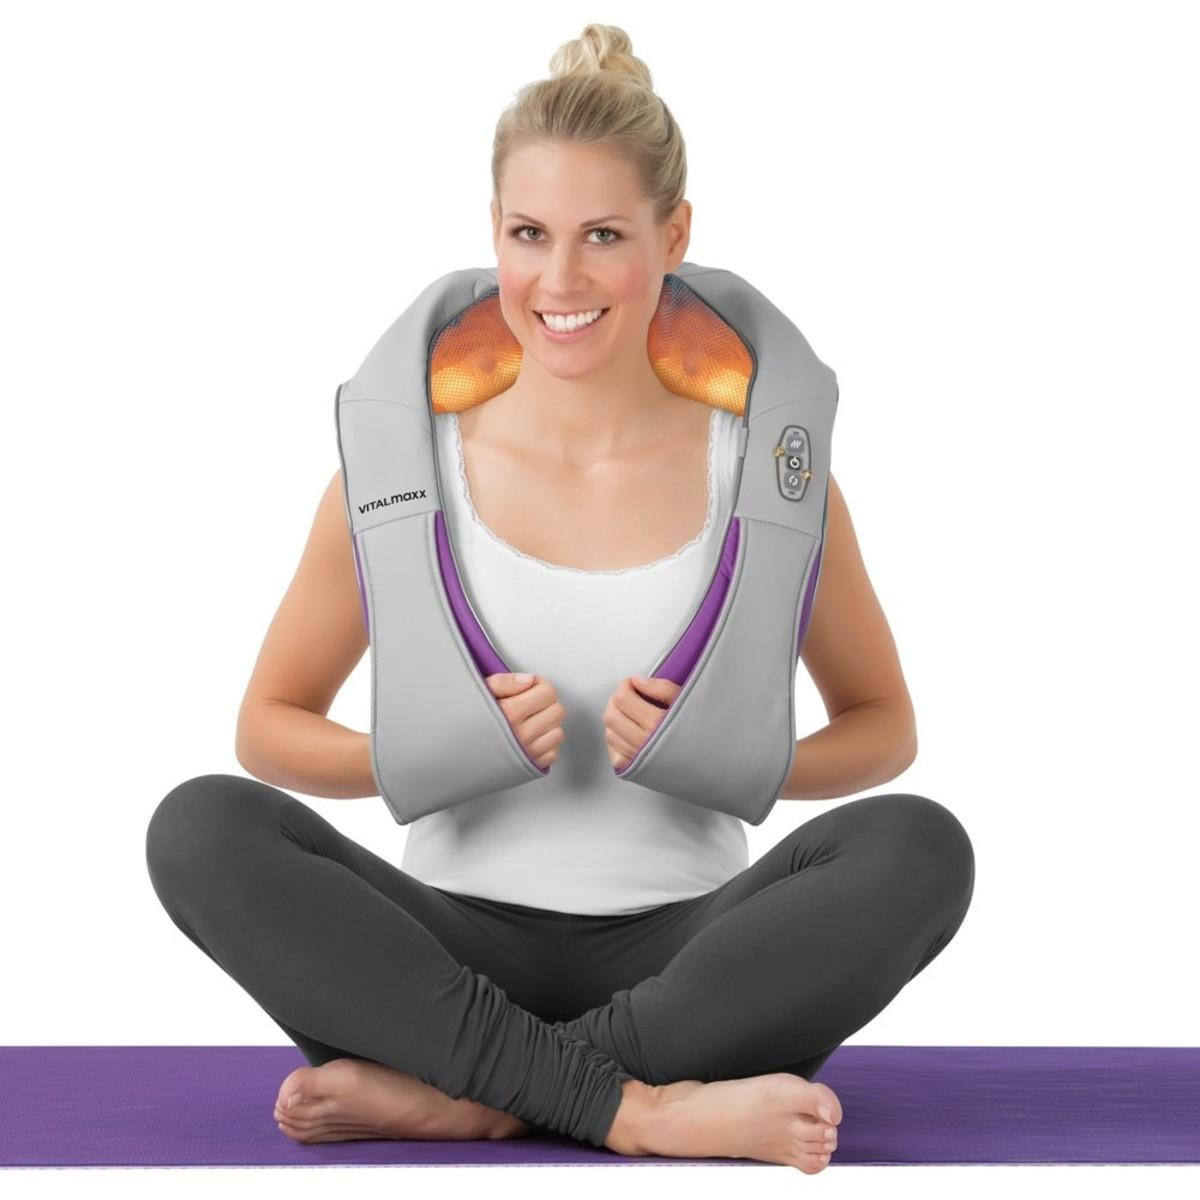 Bild 1 von VITALmaxx Shiatsu-Massagegerät